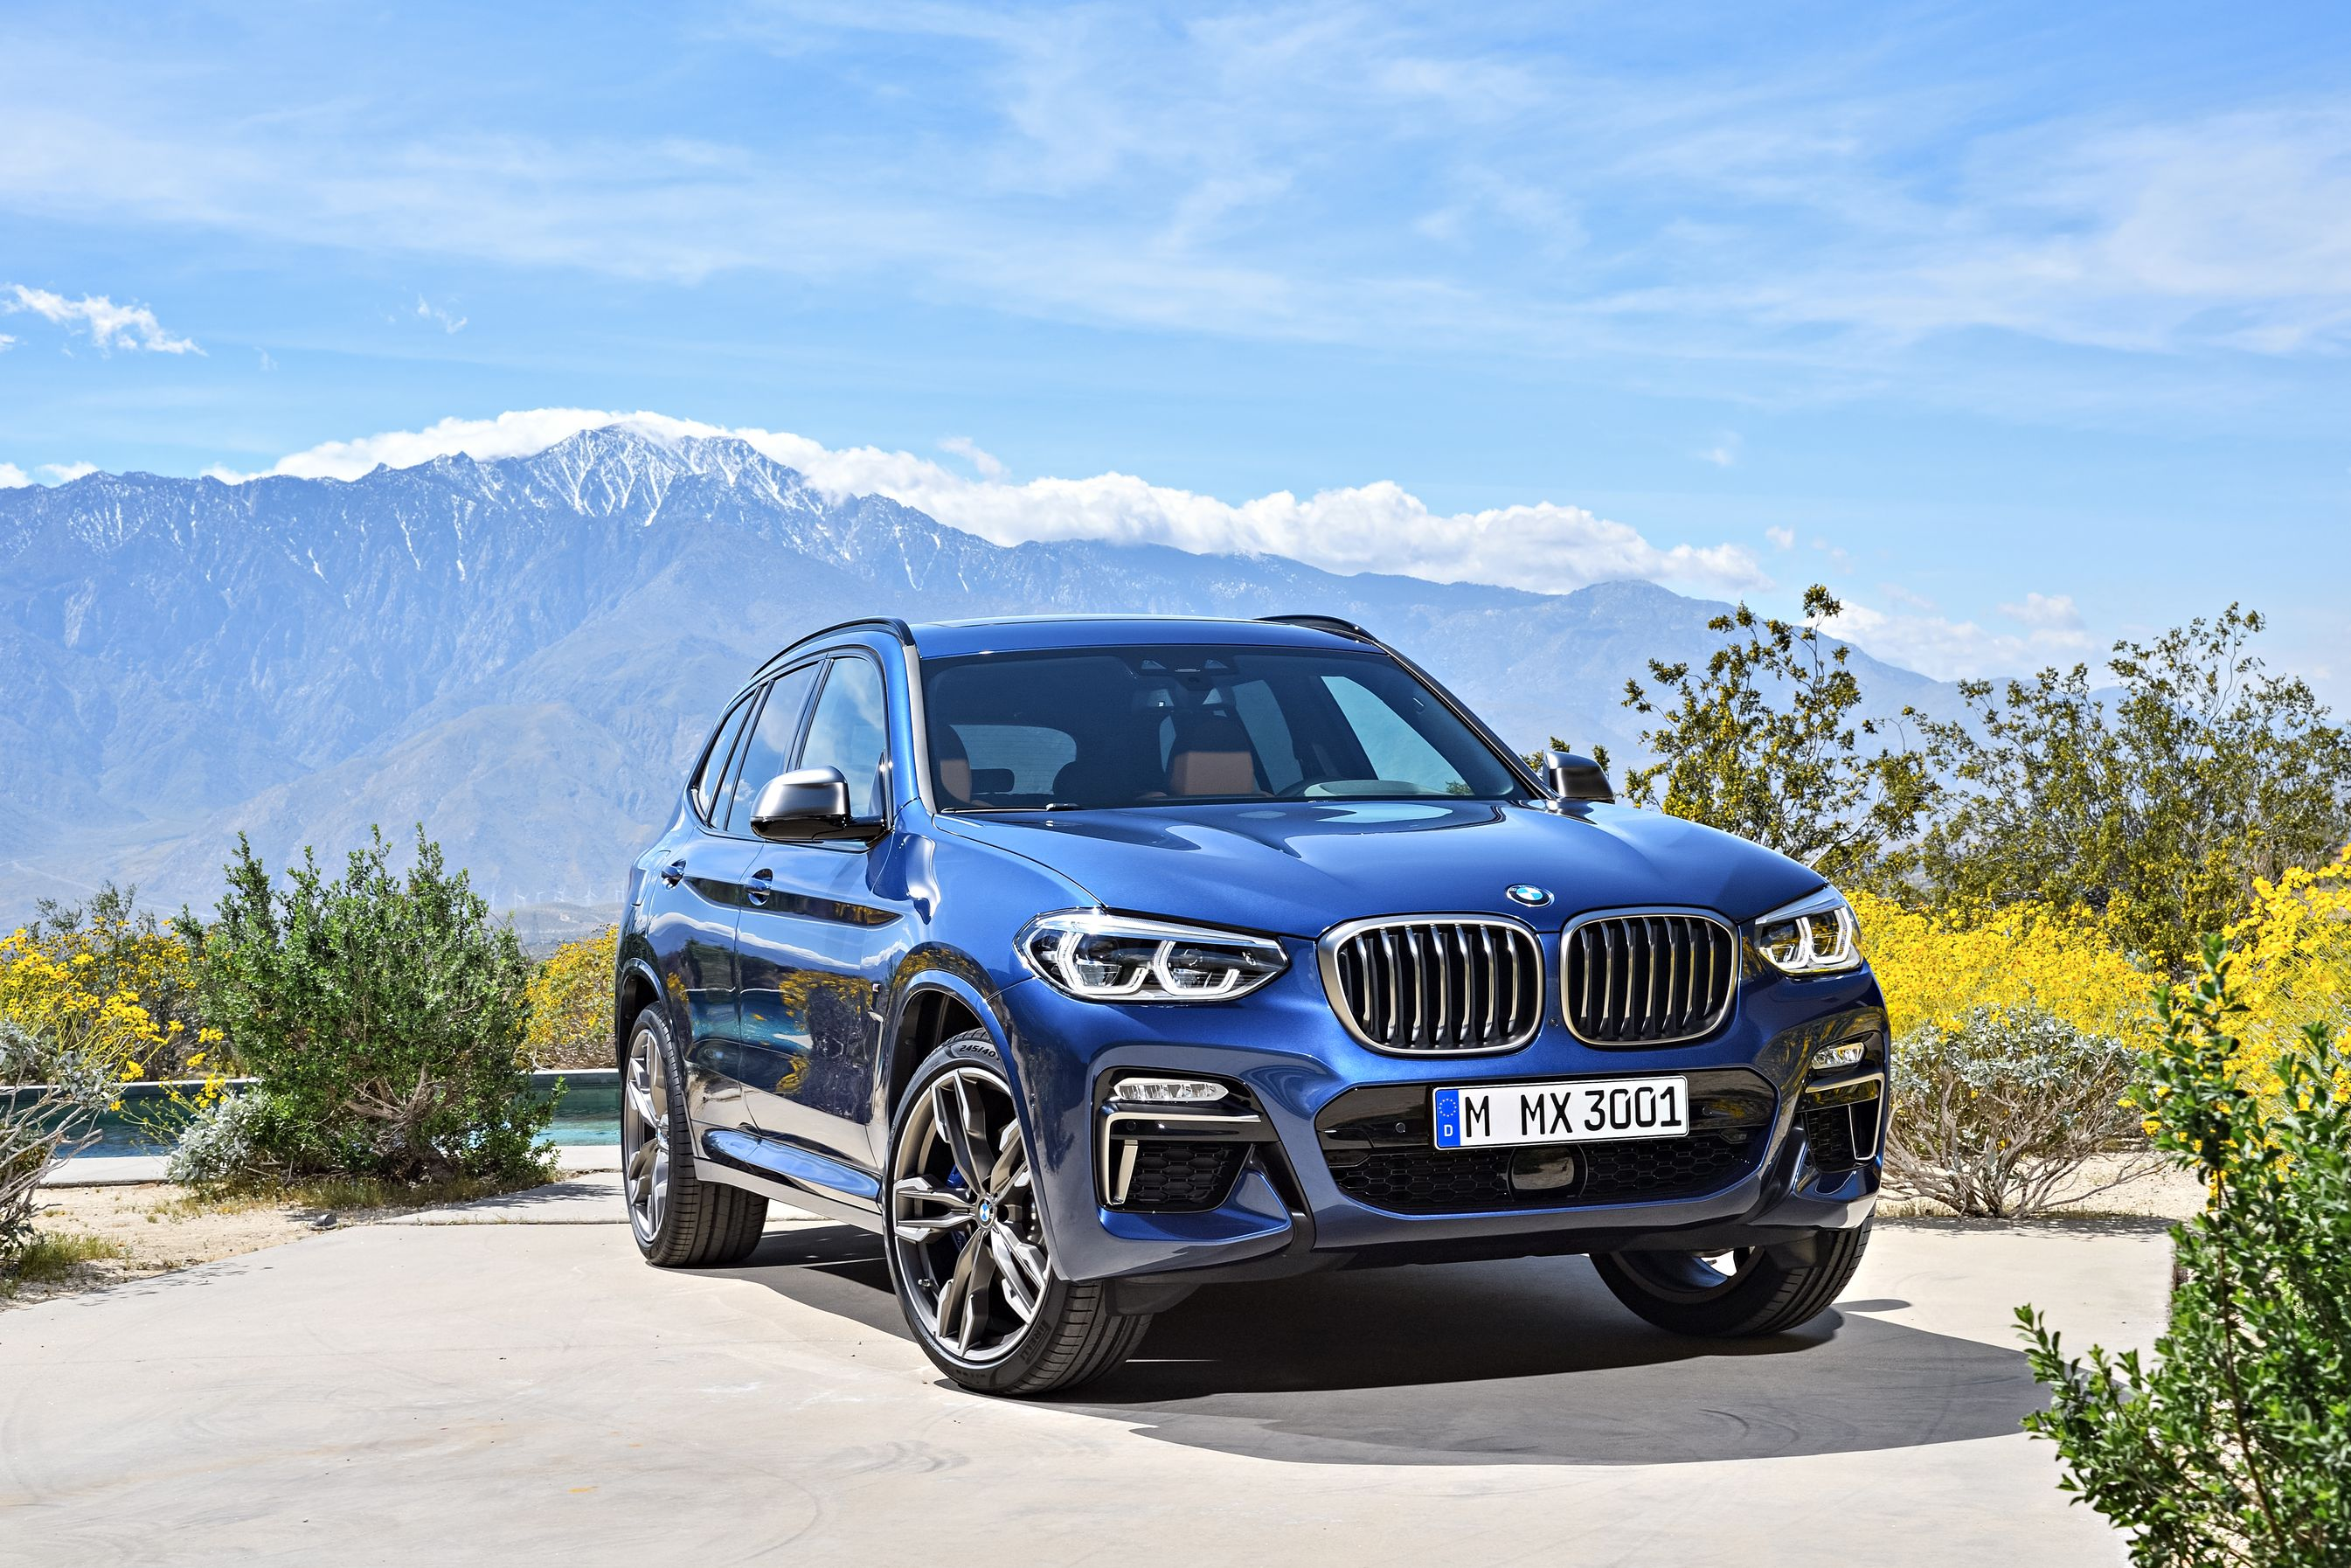 2016 - [BMW] X3 [G01] - Page 8 1498486488-bmw-x3-05